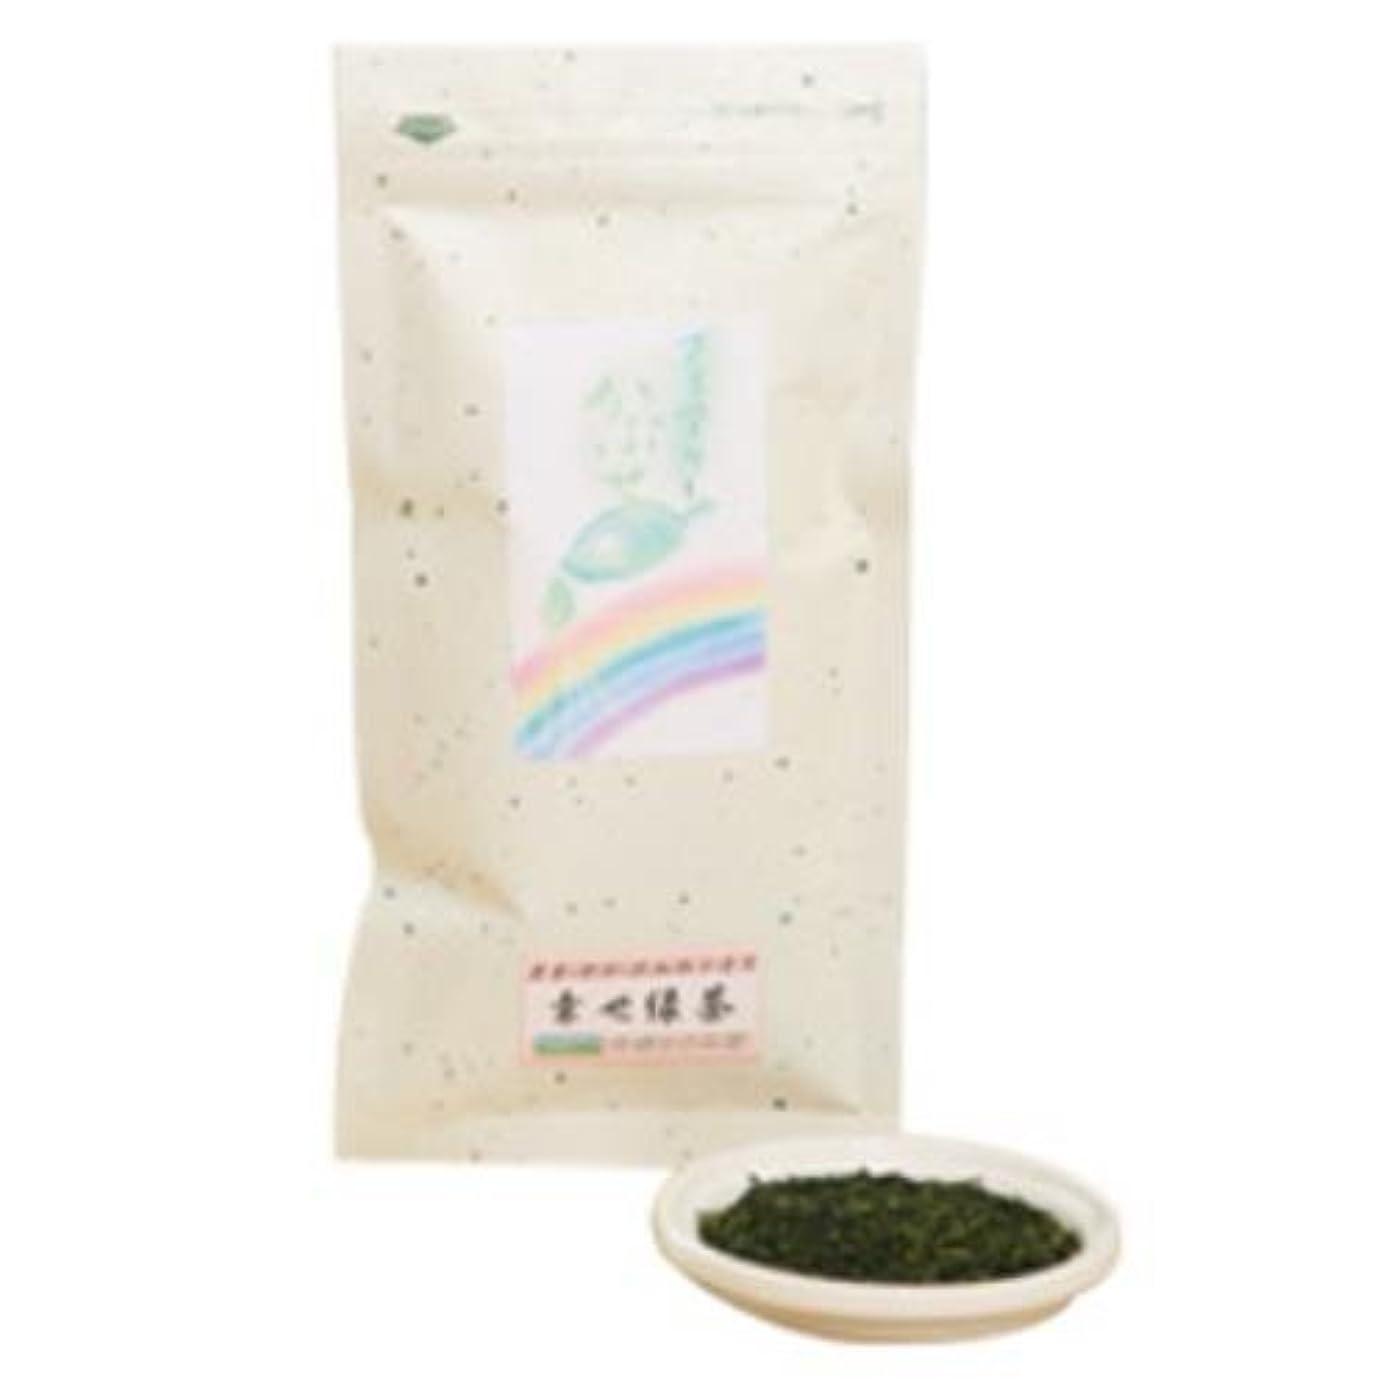 トレイル着実に慈悲かぶせ緑茶 80g